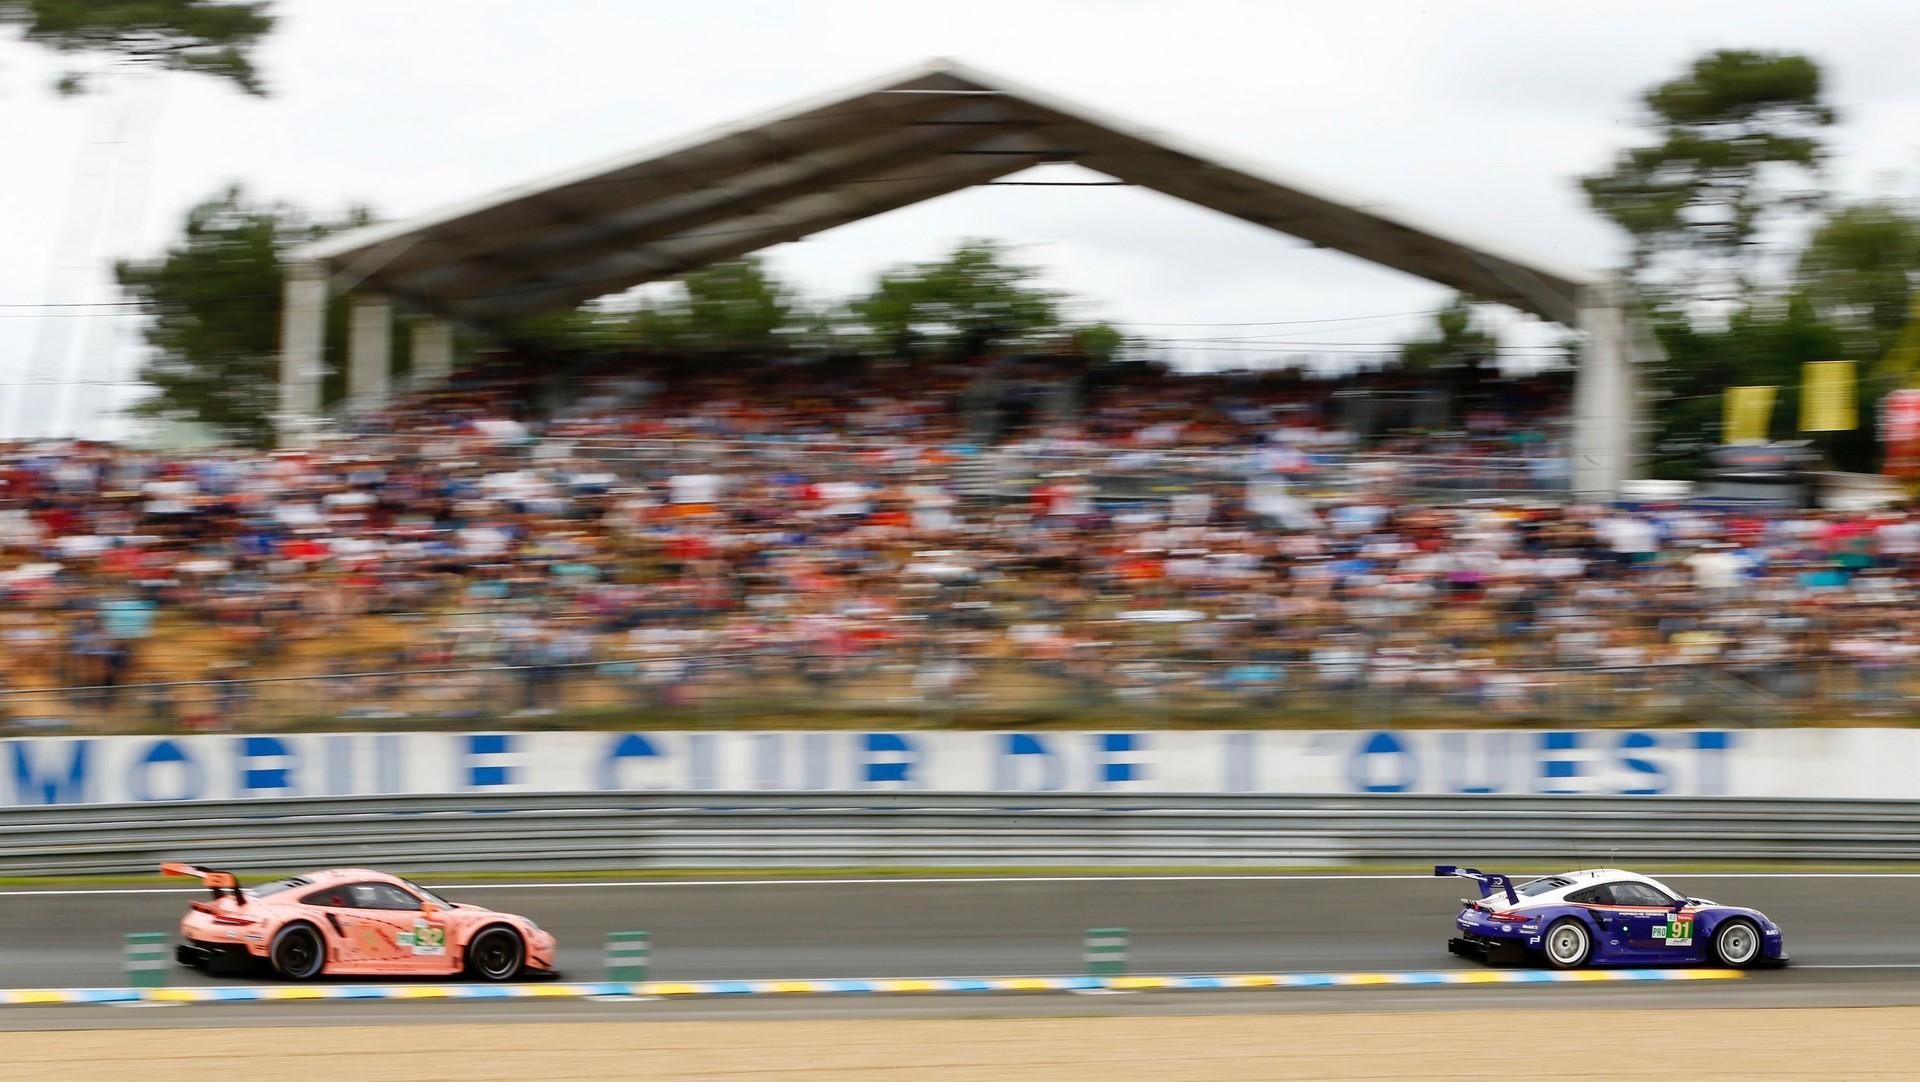 Porsche 911 RSR, Porsche GT Team (91), Gianmaria Bruni (I), Richard Lietz (A), Frederic Makowiecki (F), Porsche GT Team (92), Michael Christensen (DK), Kevin Estre (F) Laurens Vanthoor (B), Le Mans 2018